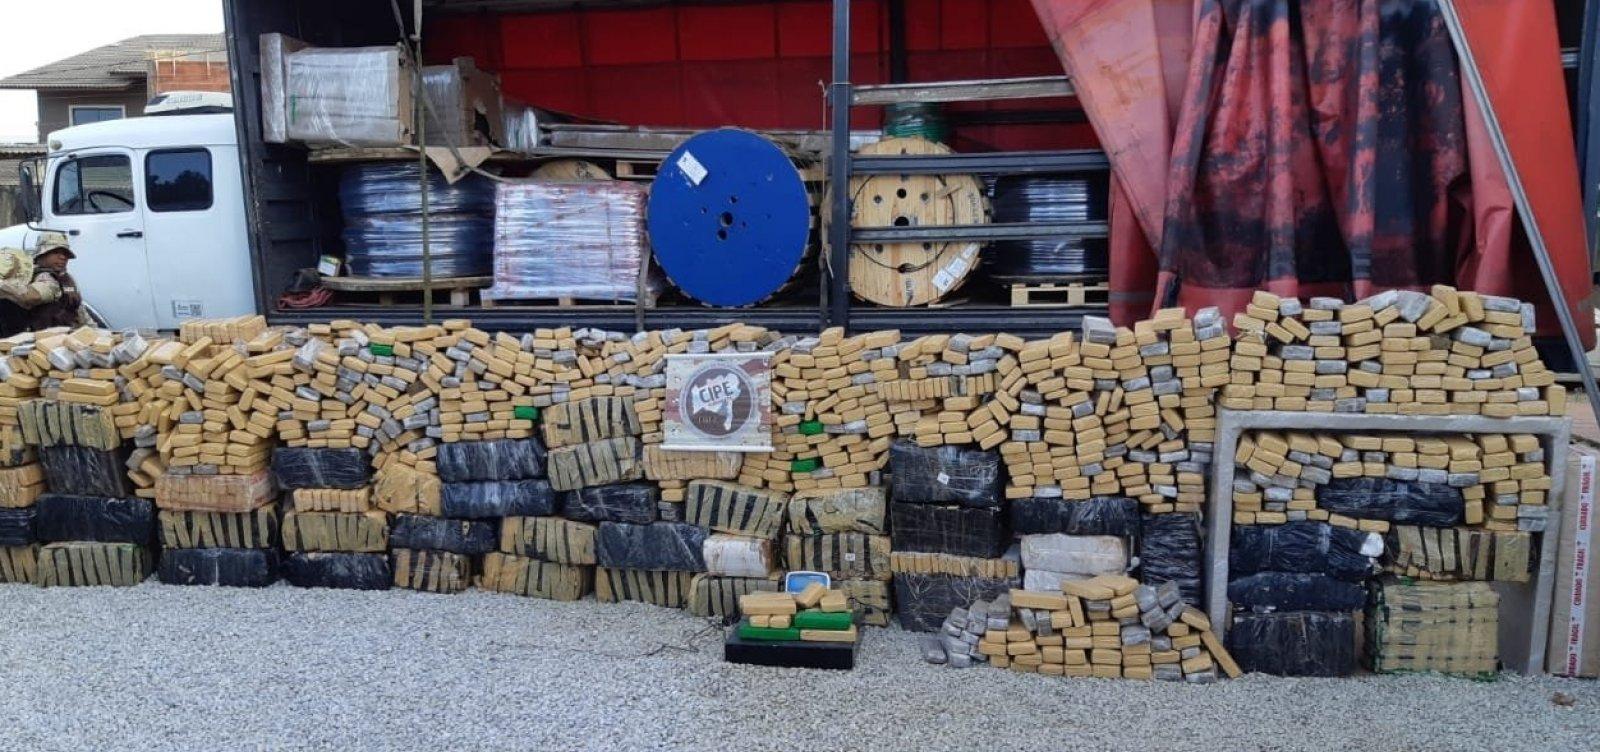 Polícia apreende mais de duas toneladas de maconha em caminhão e carro de luxo